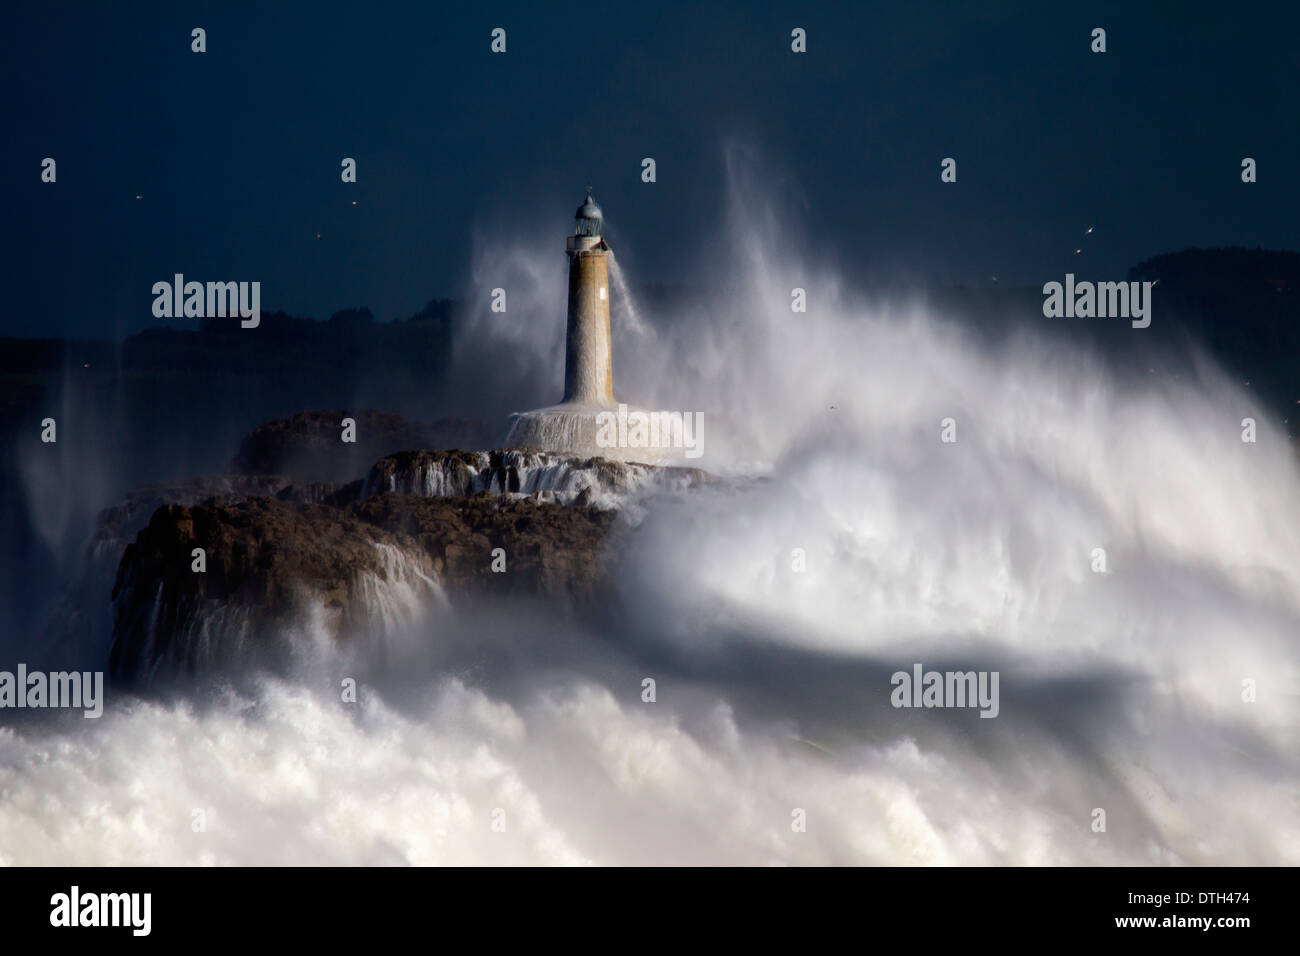 Le phare de l'île Mouro dans la grande tempête. Photo Stock